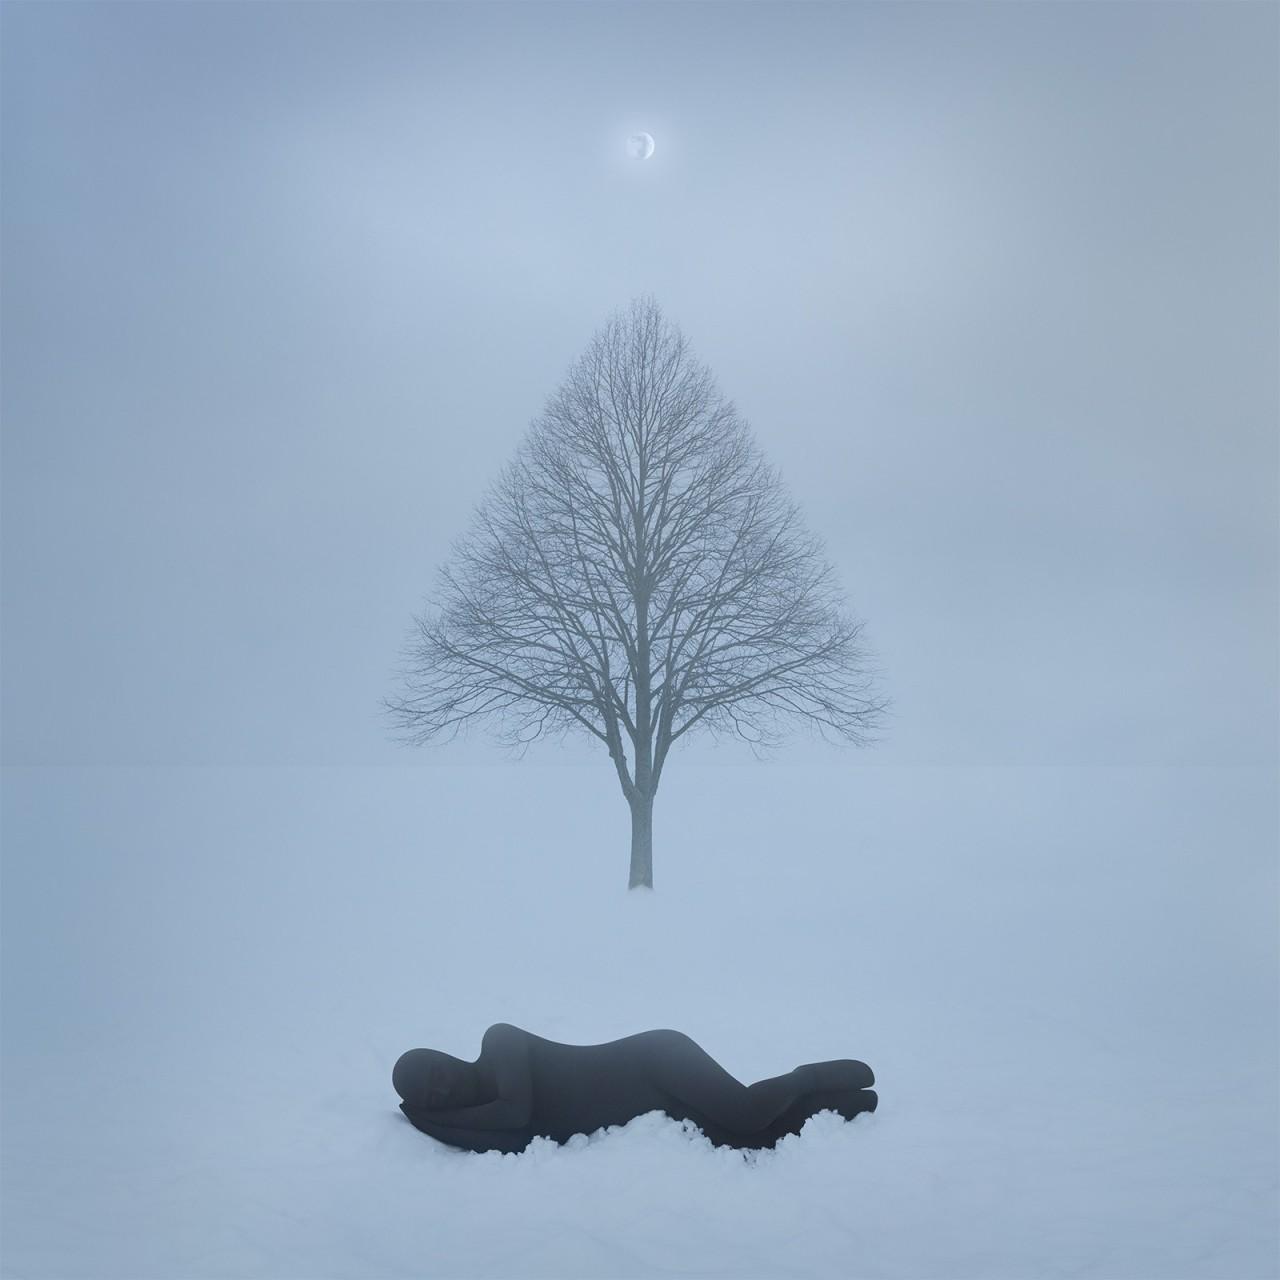 «Загадочность снов». Автор Габриэль Исак